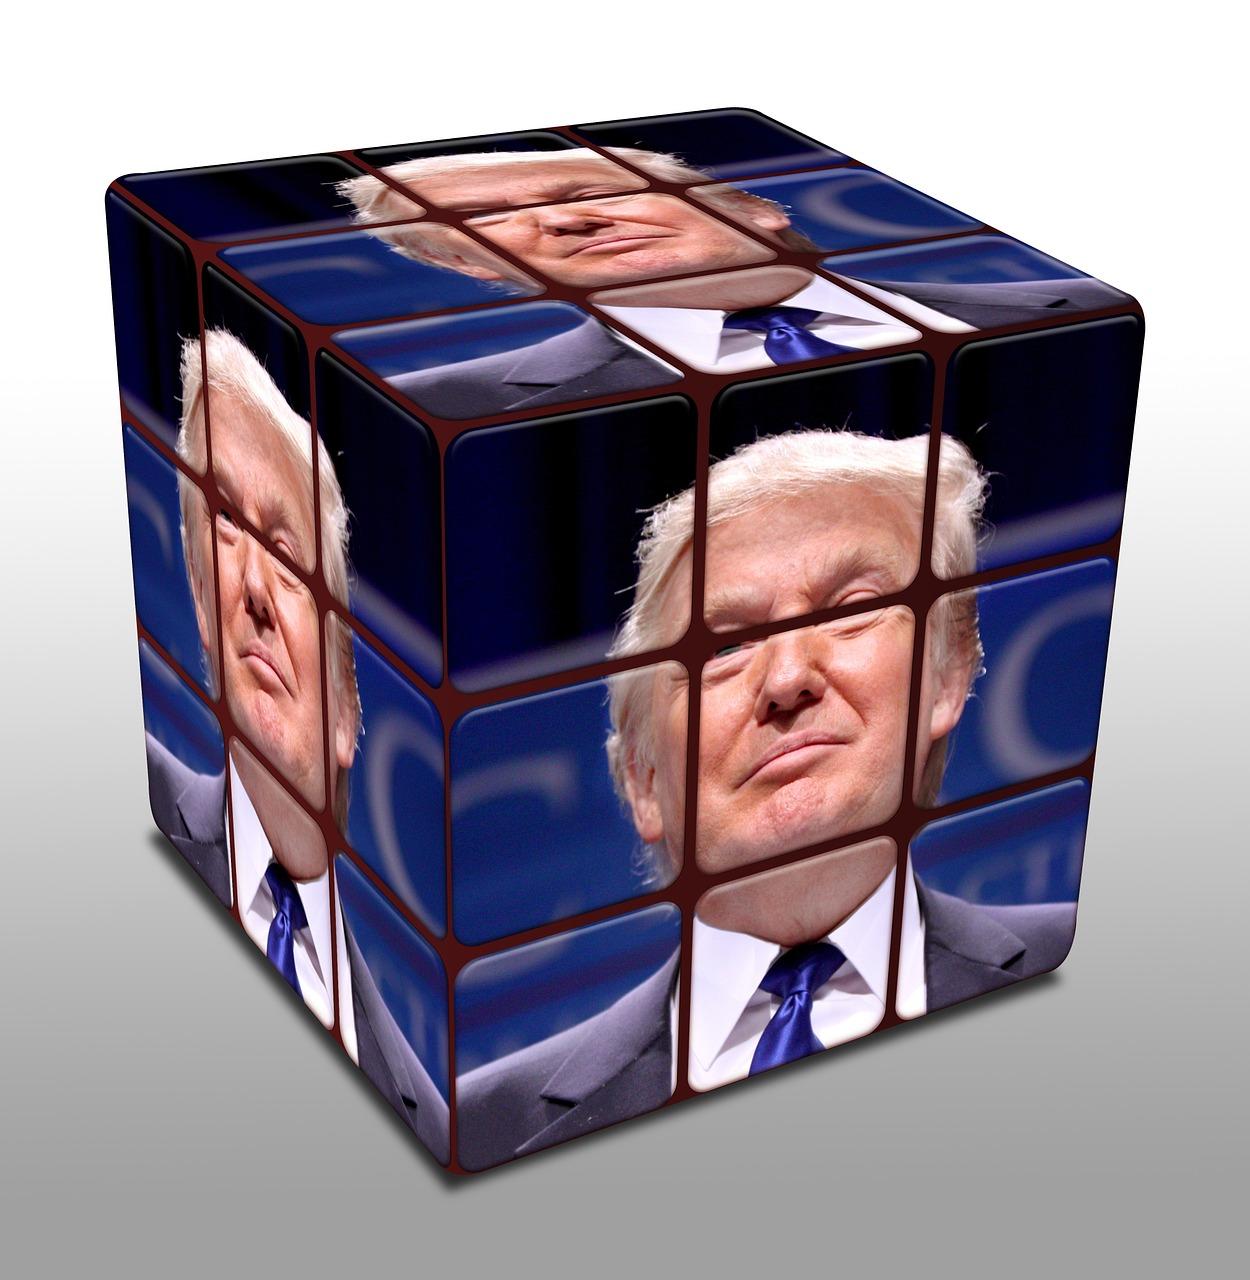 Zasady negocjowania wg Donalda Trumpa